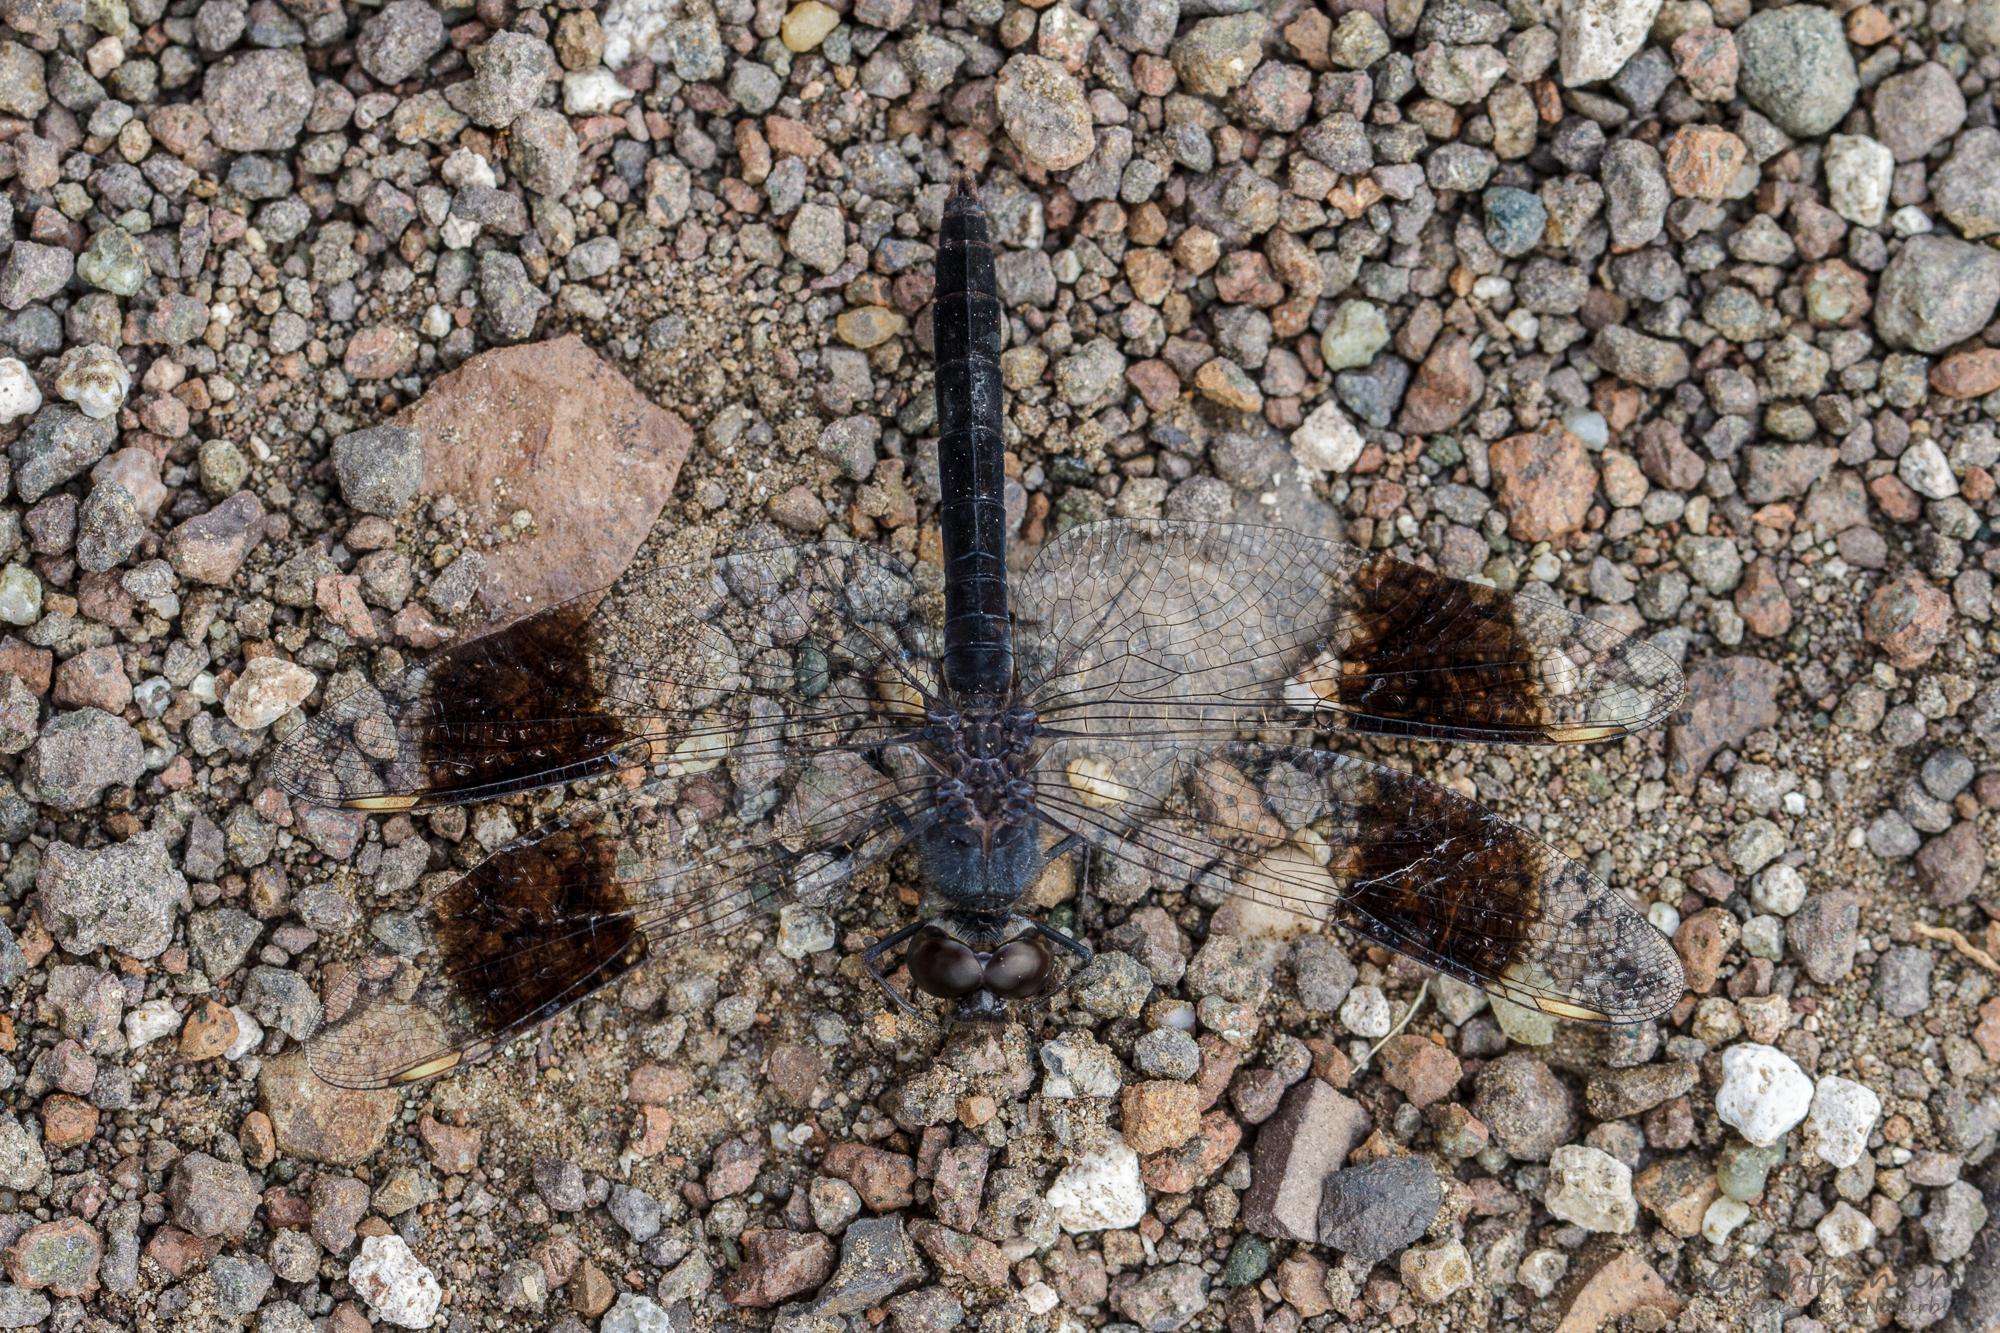 Südlicher Treuer Kurzpfeil - Banded groundling - Brachythemis leucosticta